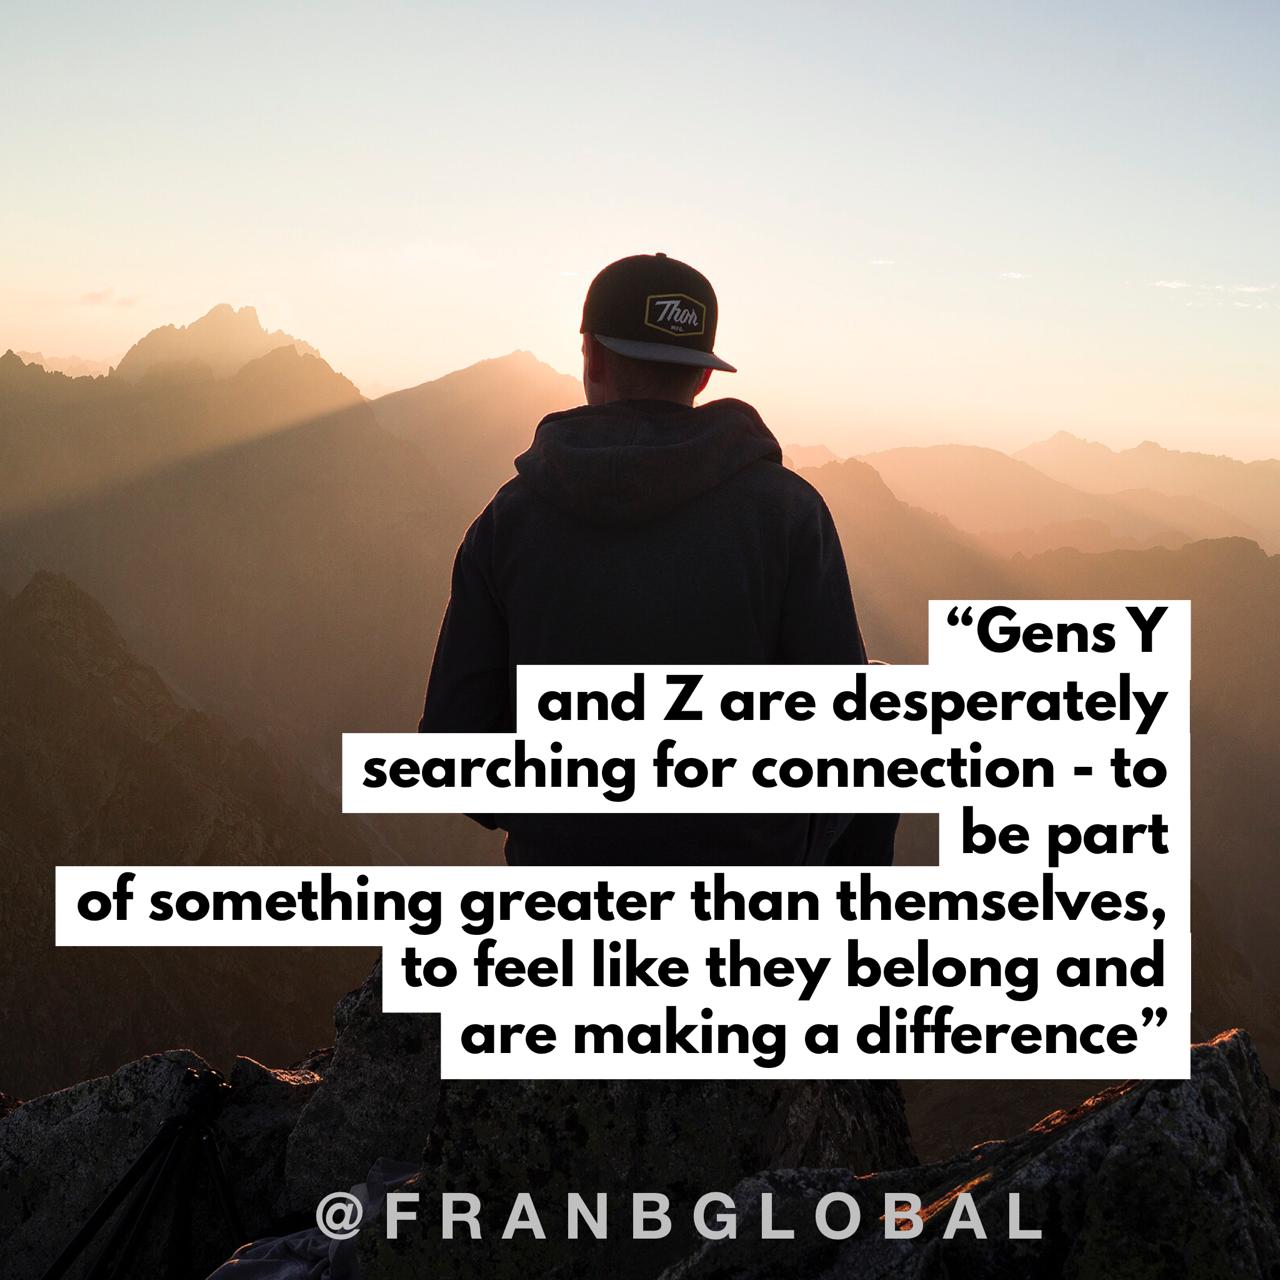 FranBGlobal_Genreation_Giving_Gap2